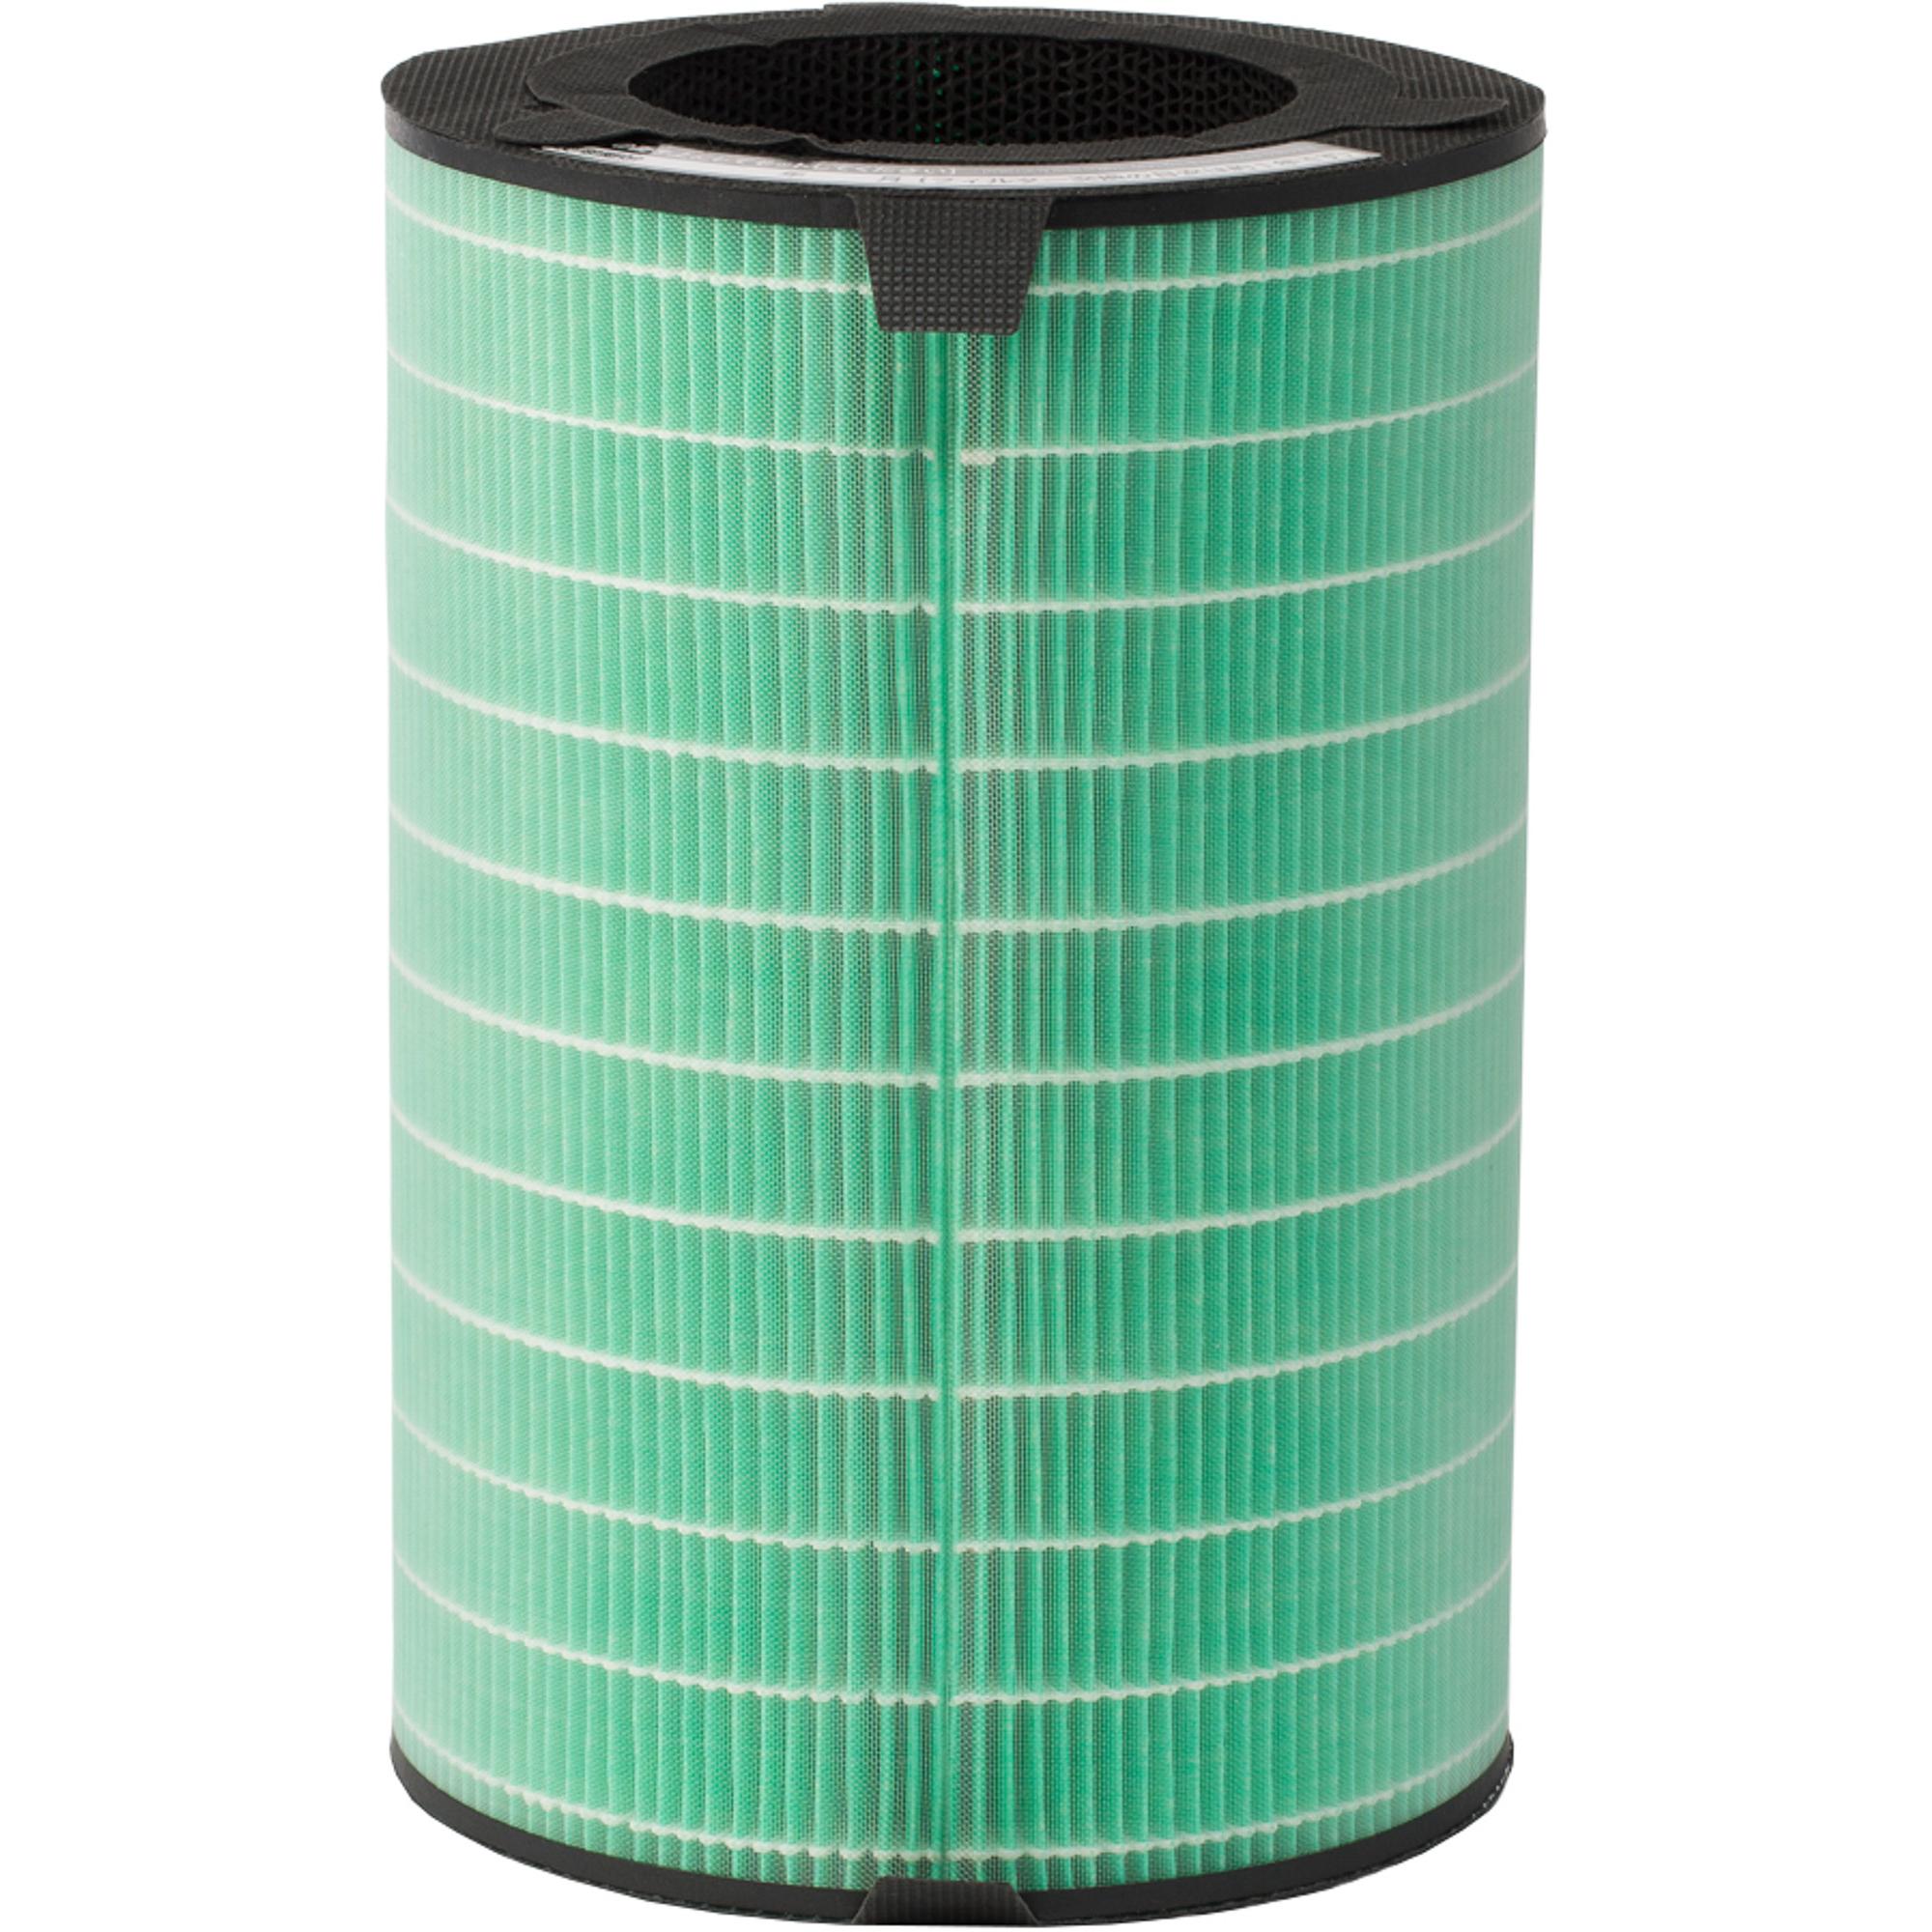 Купить Фильтры Bork A8F2, комплект фильтров, Китай, зеленый, активированный уголь, пластик